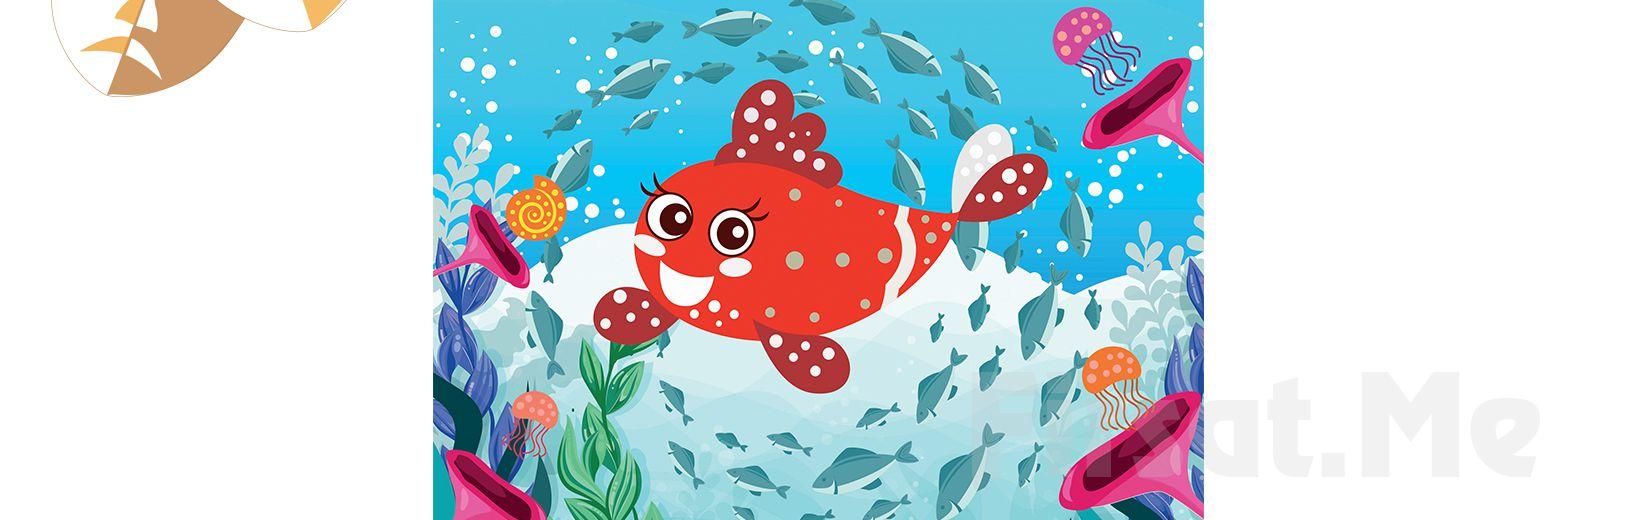 Doğa ve Hayvan Sevgisini Anlatan 'Kırmızı Balık' Tiyatro Oyun Bileti